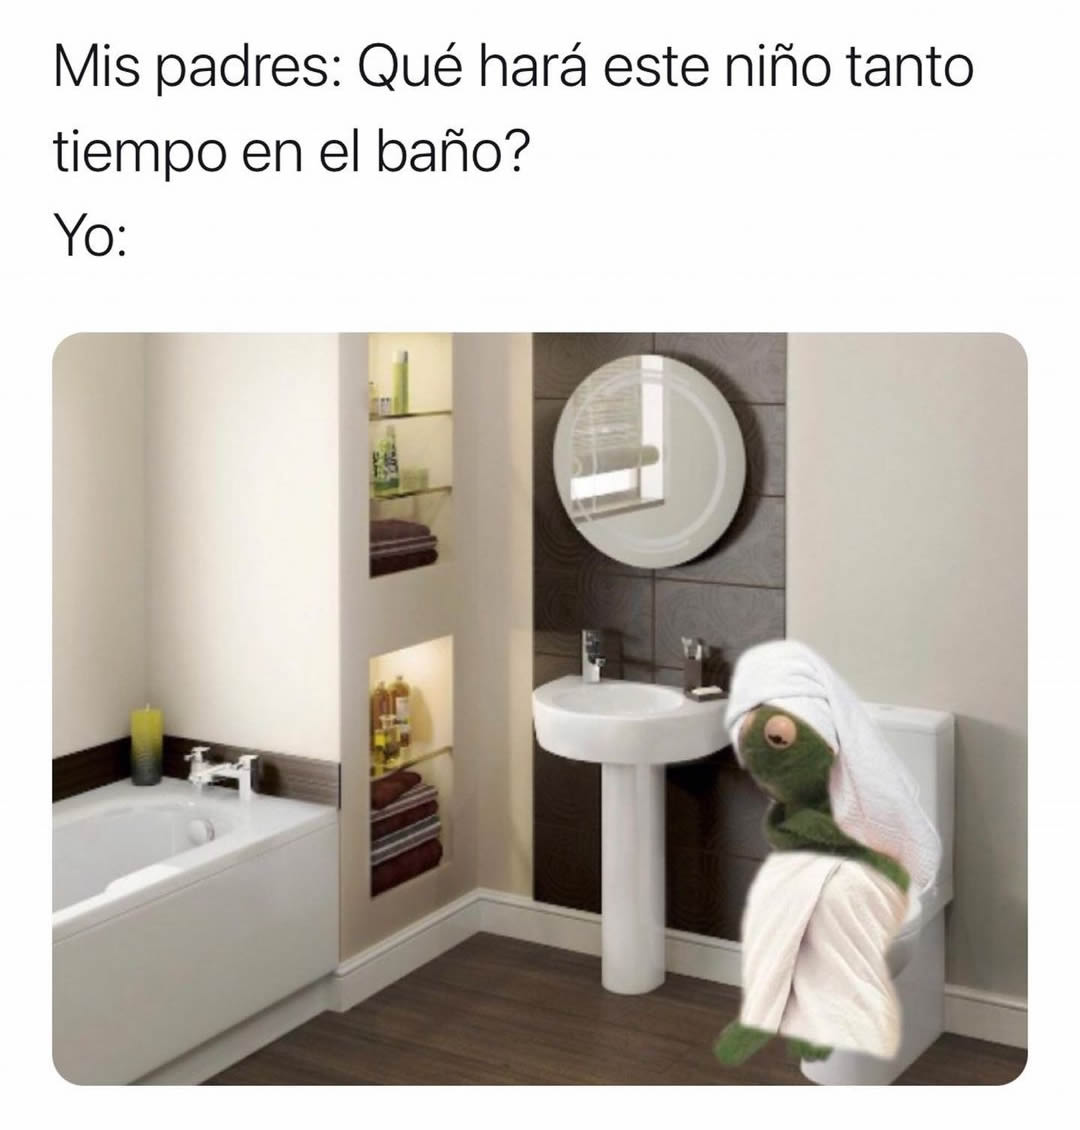 Mis padres: Qué hará este niño tanto tiempo en el baño?  Yo: